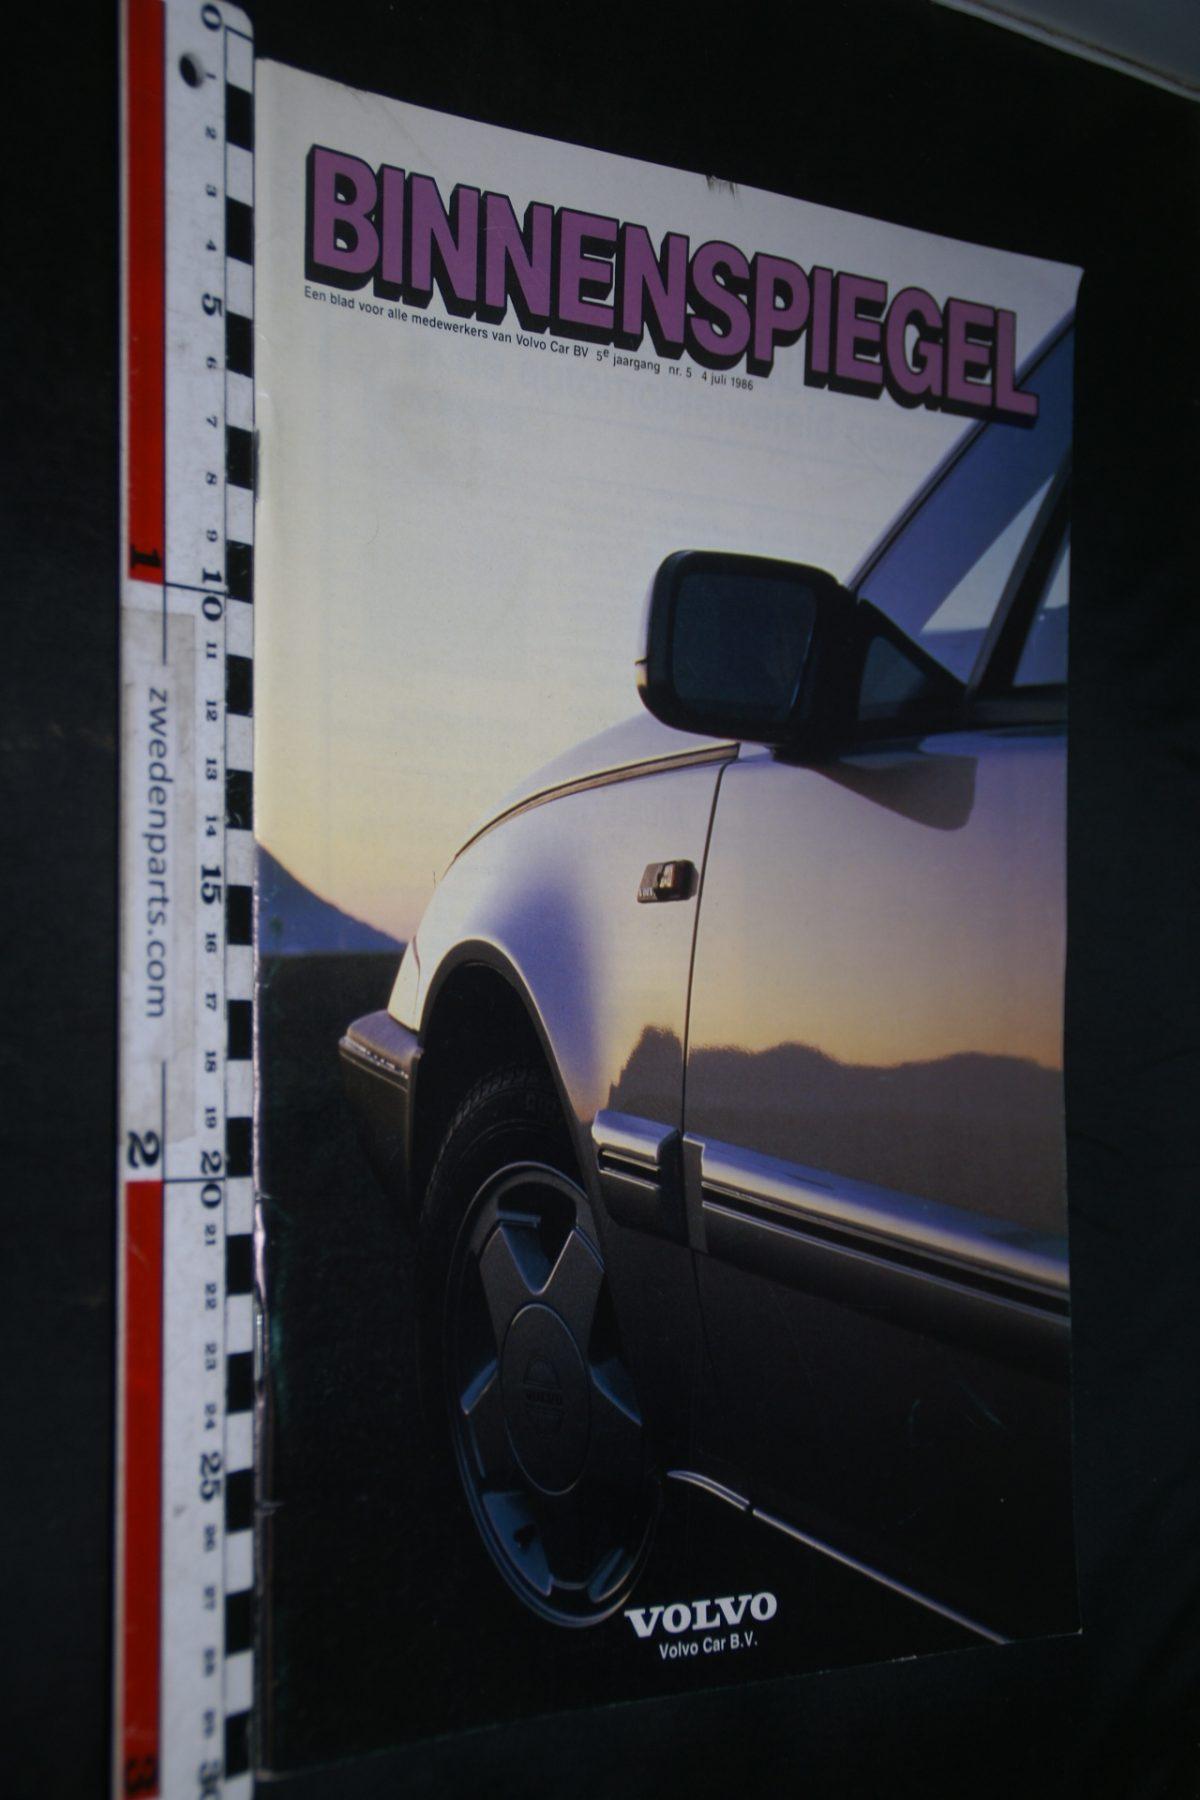 DSC05103 1986 tijdschrift Volvo Binnenspiegel nr 5